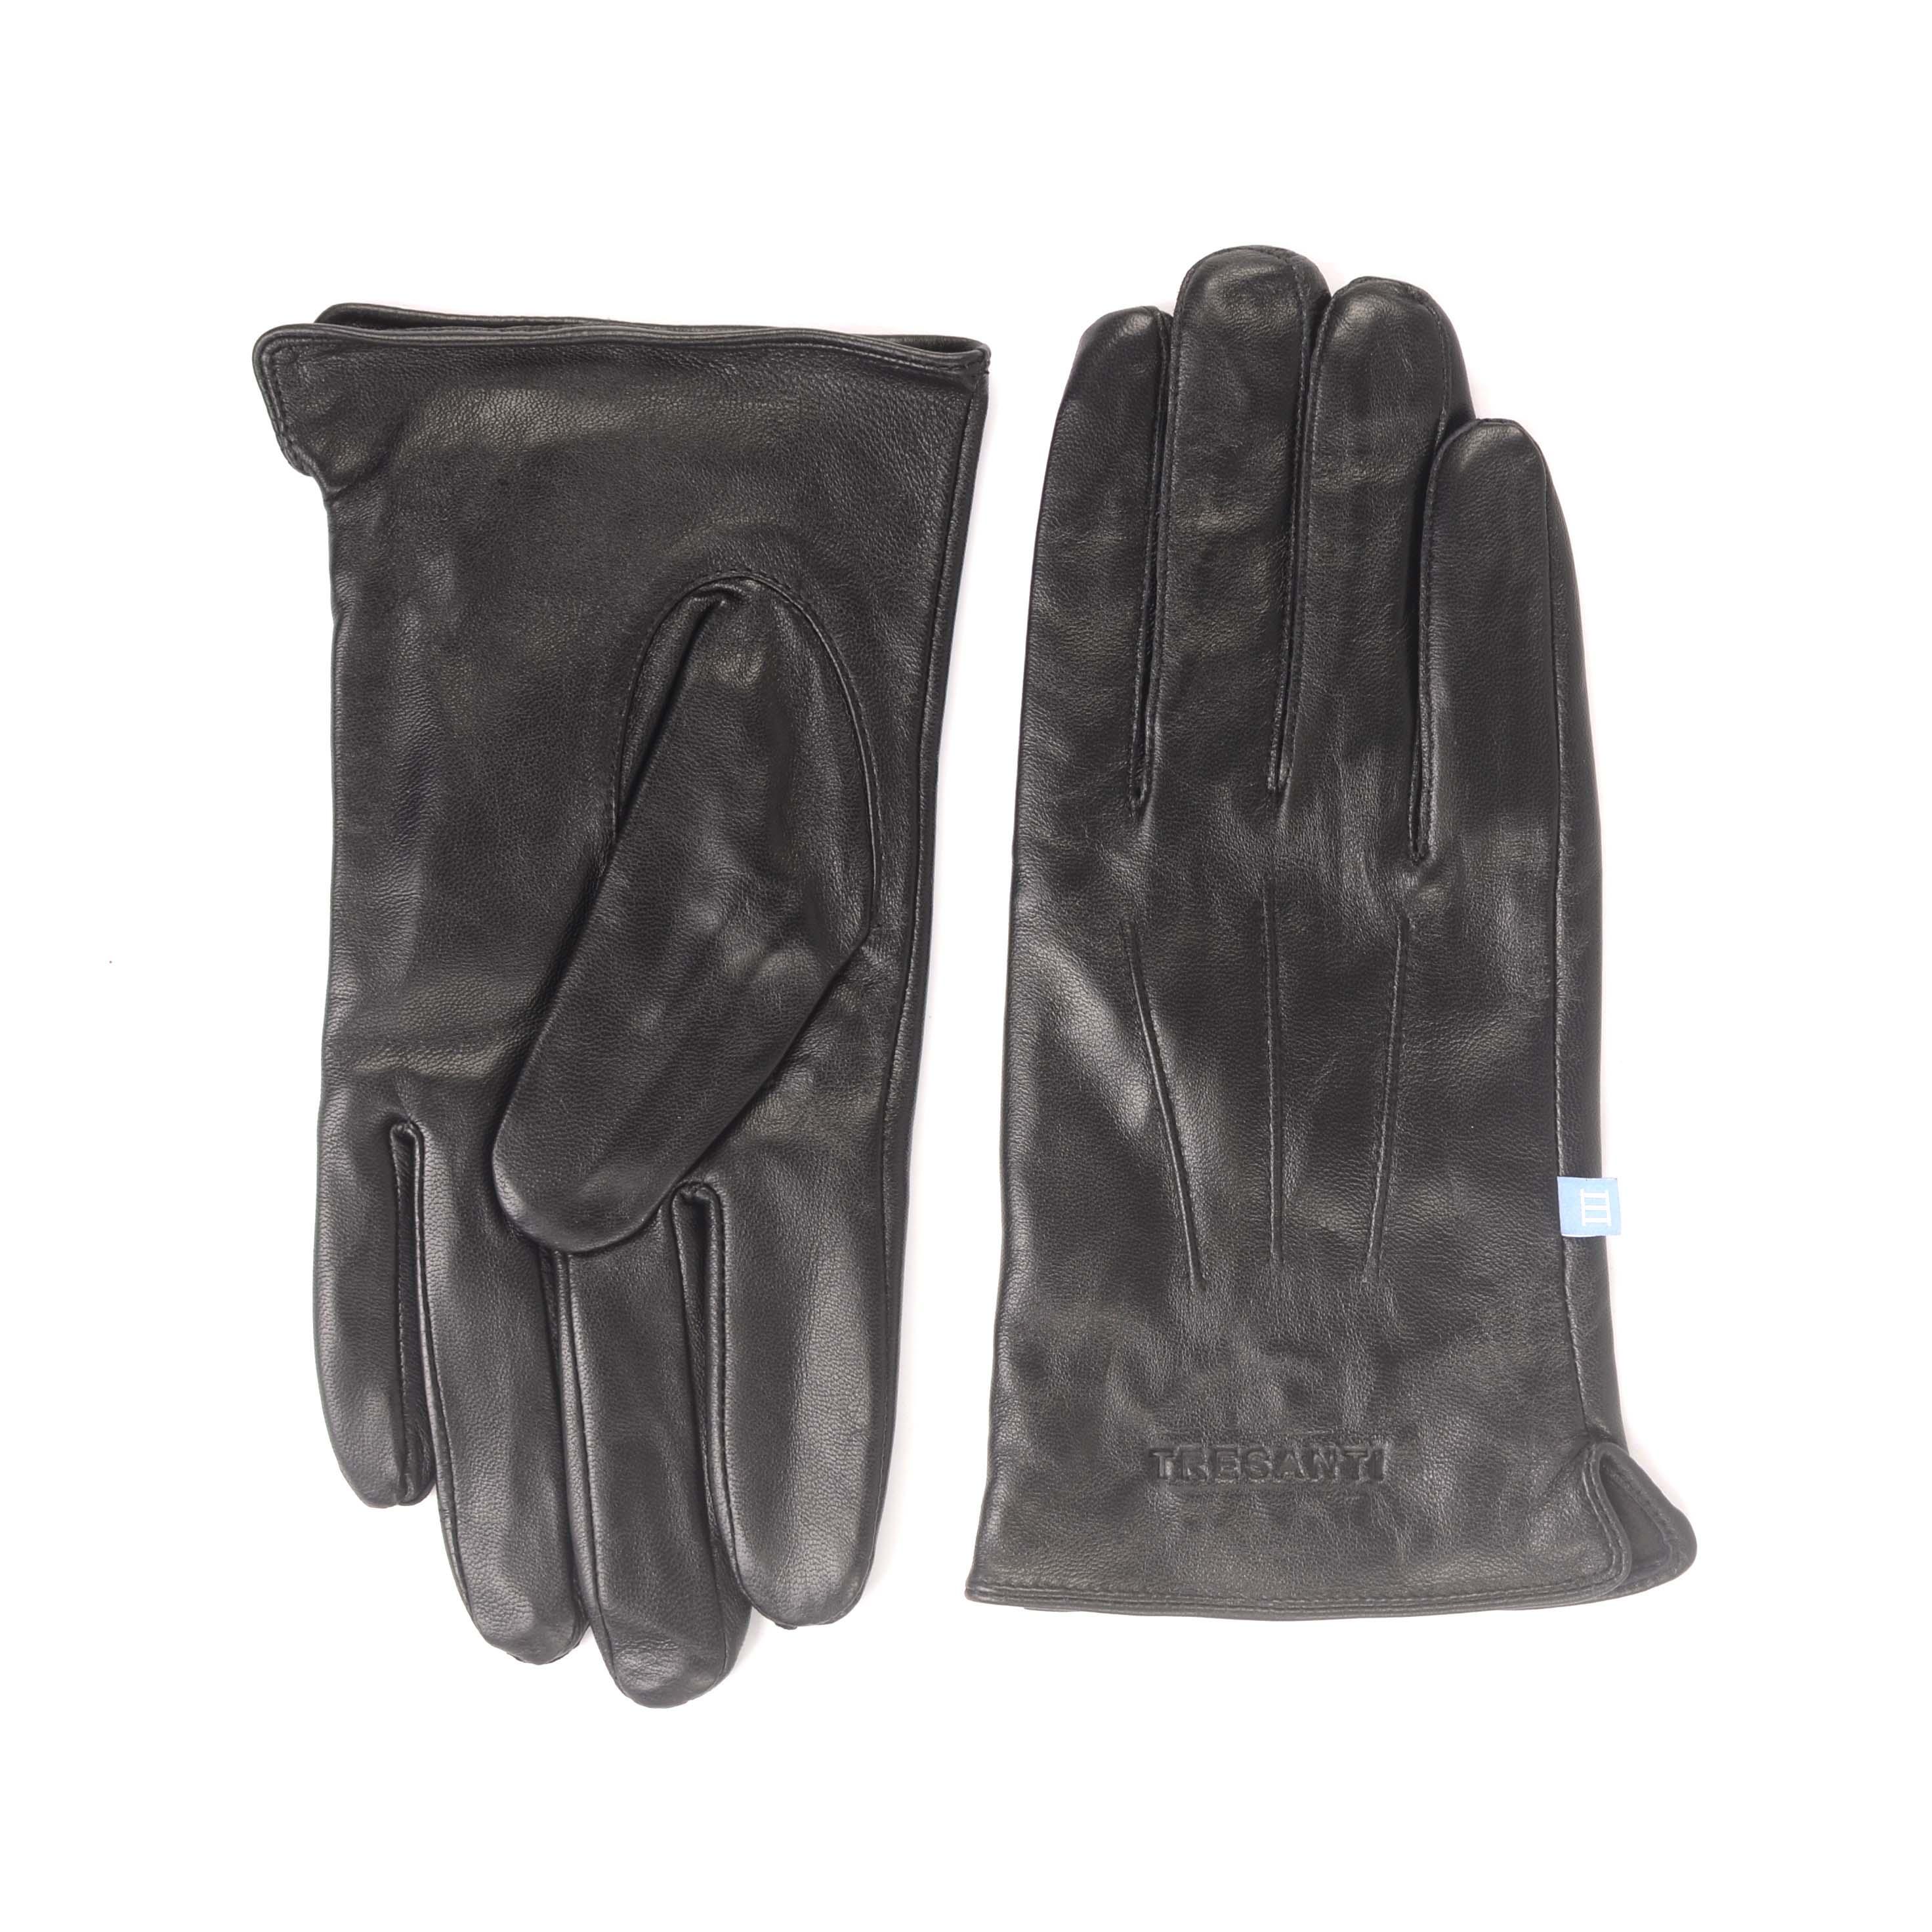 Jetsen | Gloves plain black leather